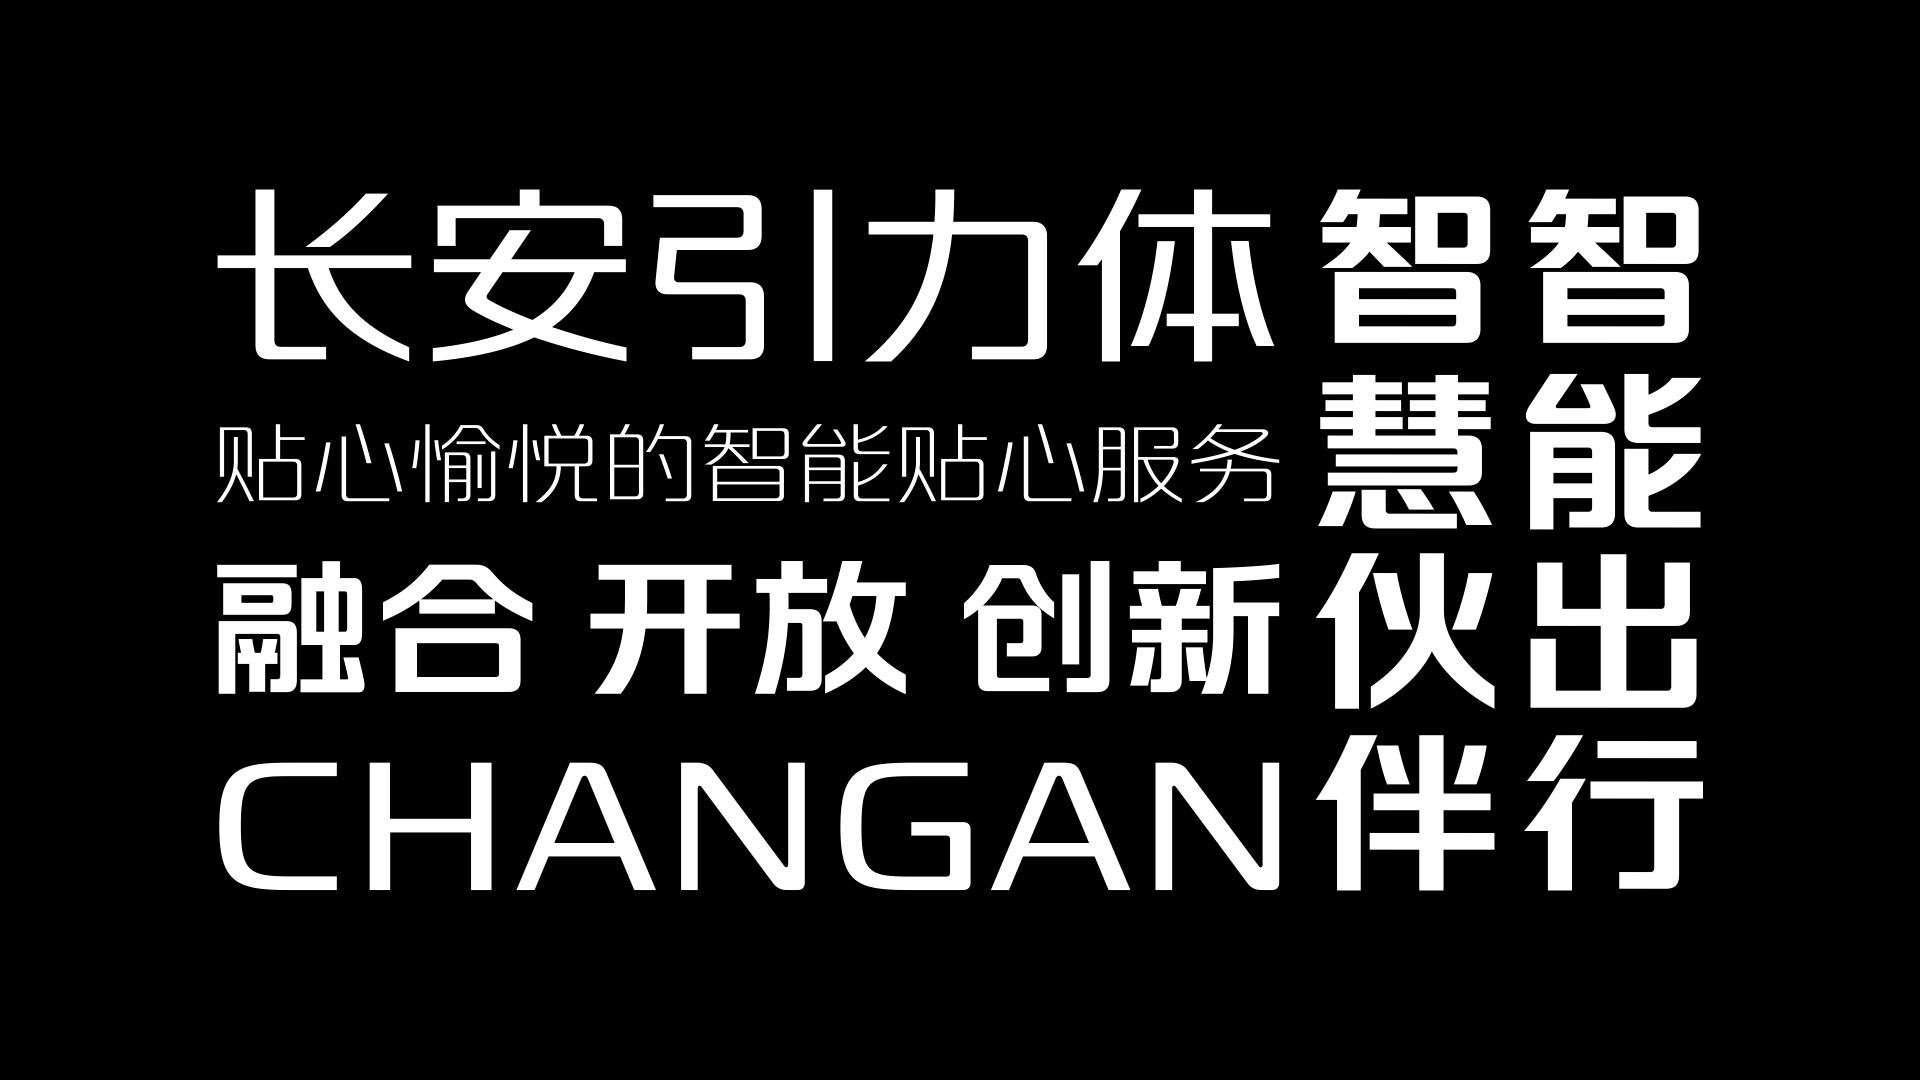 https://ft-bk1.oss-cn-zhangjiakou.aliyuncs.com/Public/Uploads/img/n_content_20201210175545_9026.jpeg